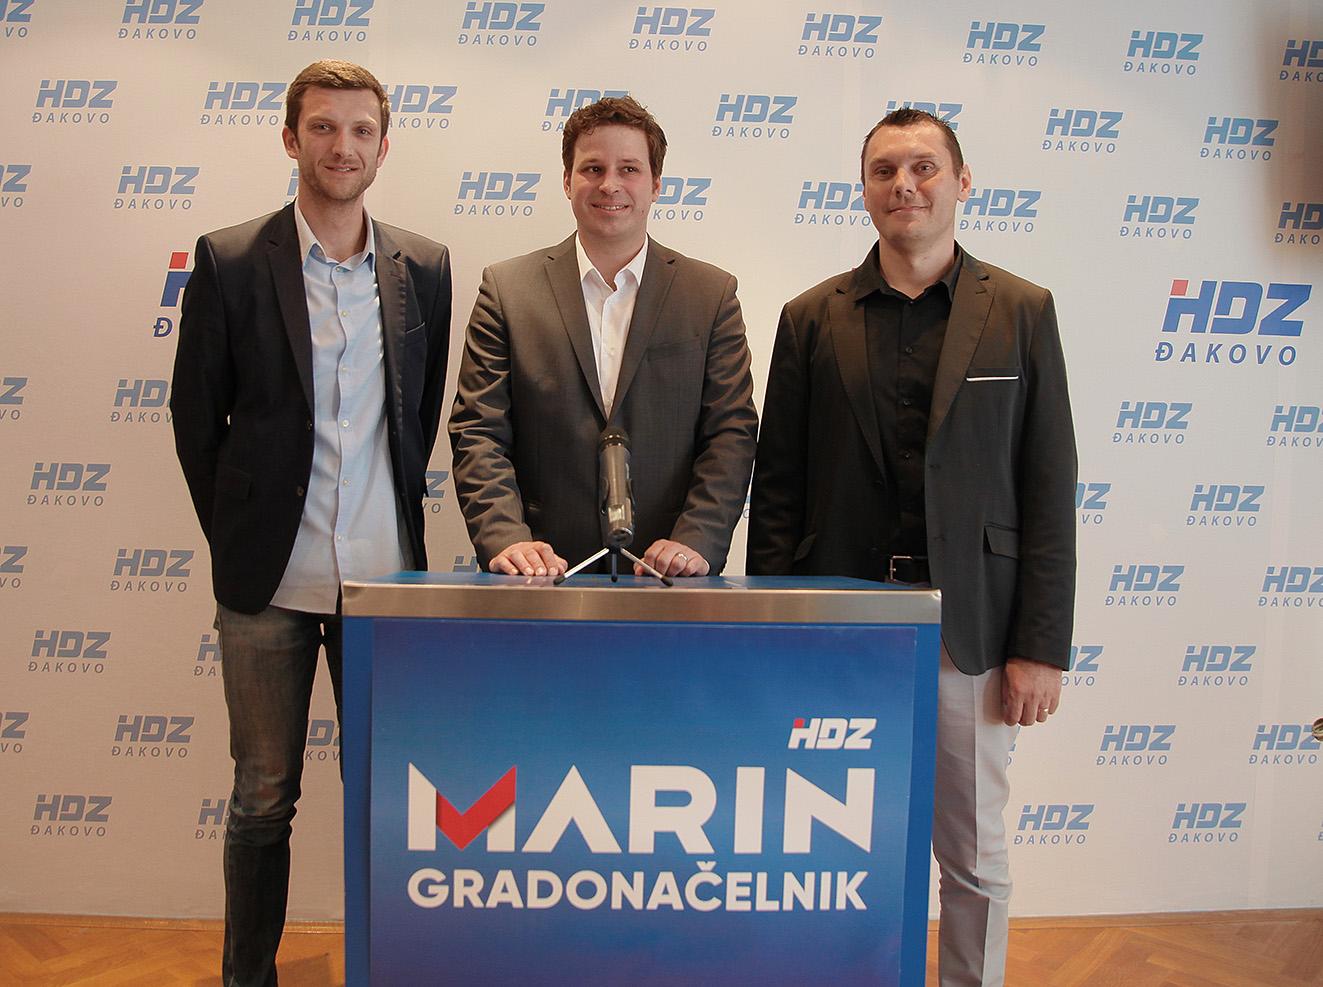 HDZ ĐAKOVO – predstavljanje kandidata za dogradonačelnike